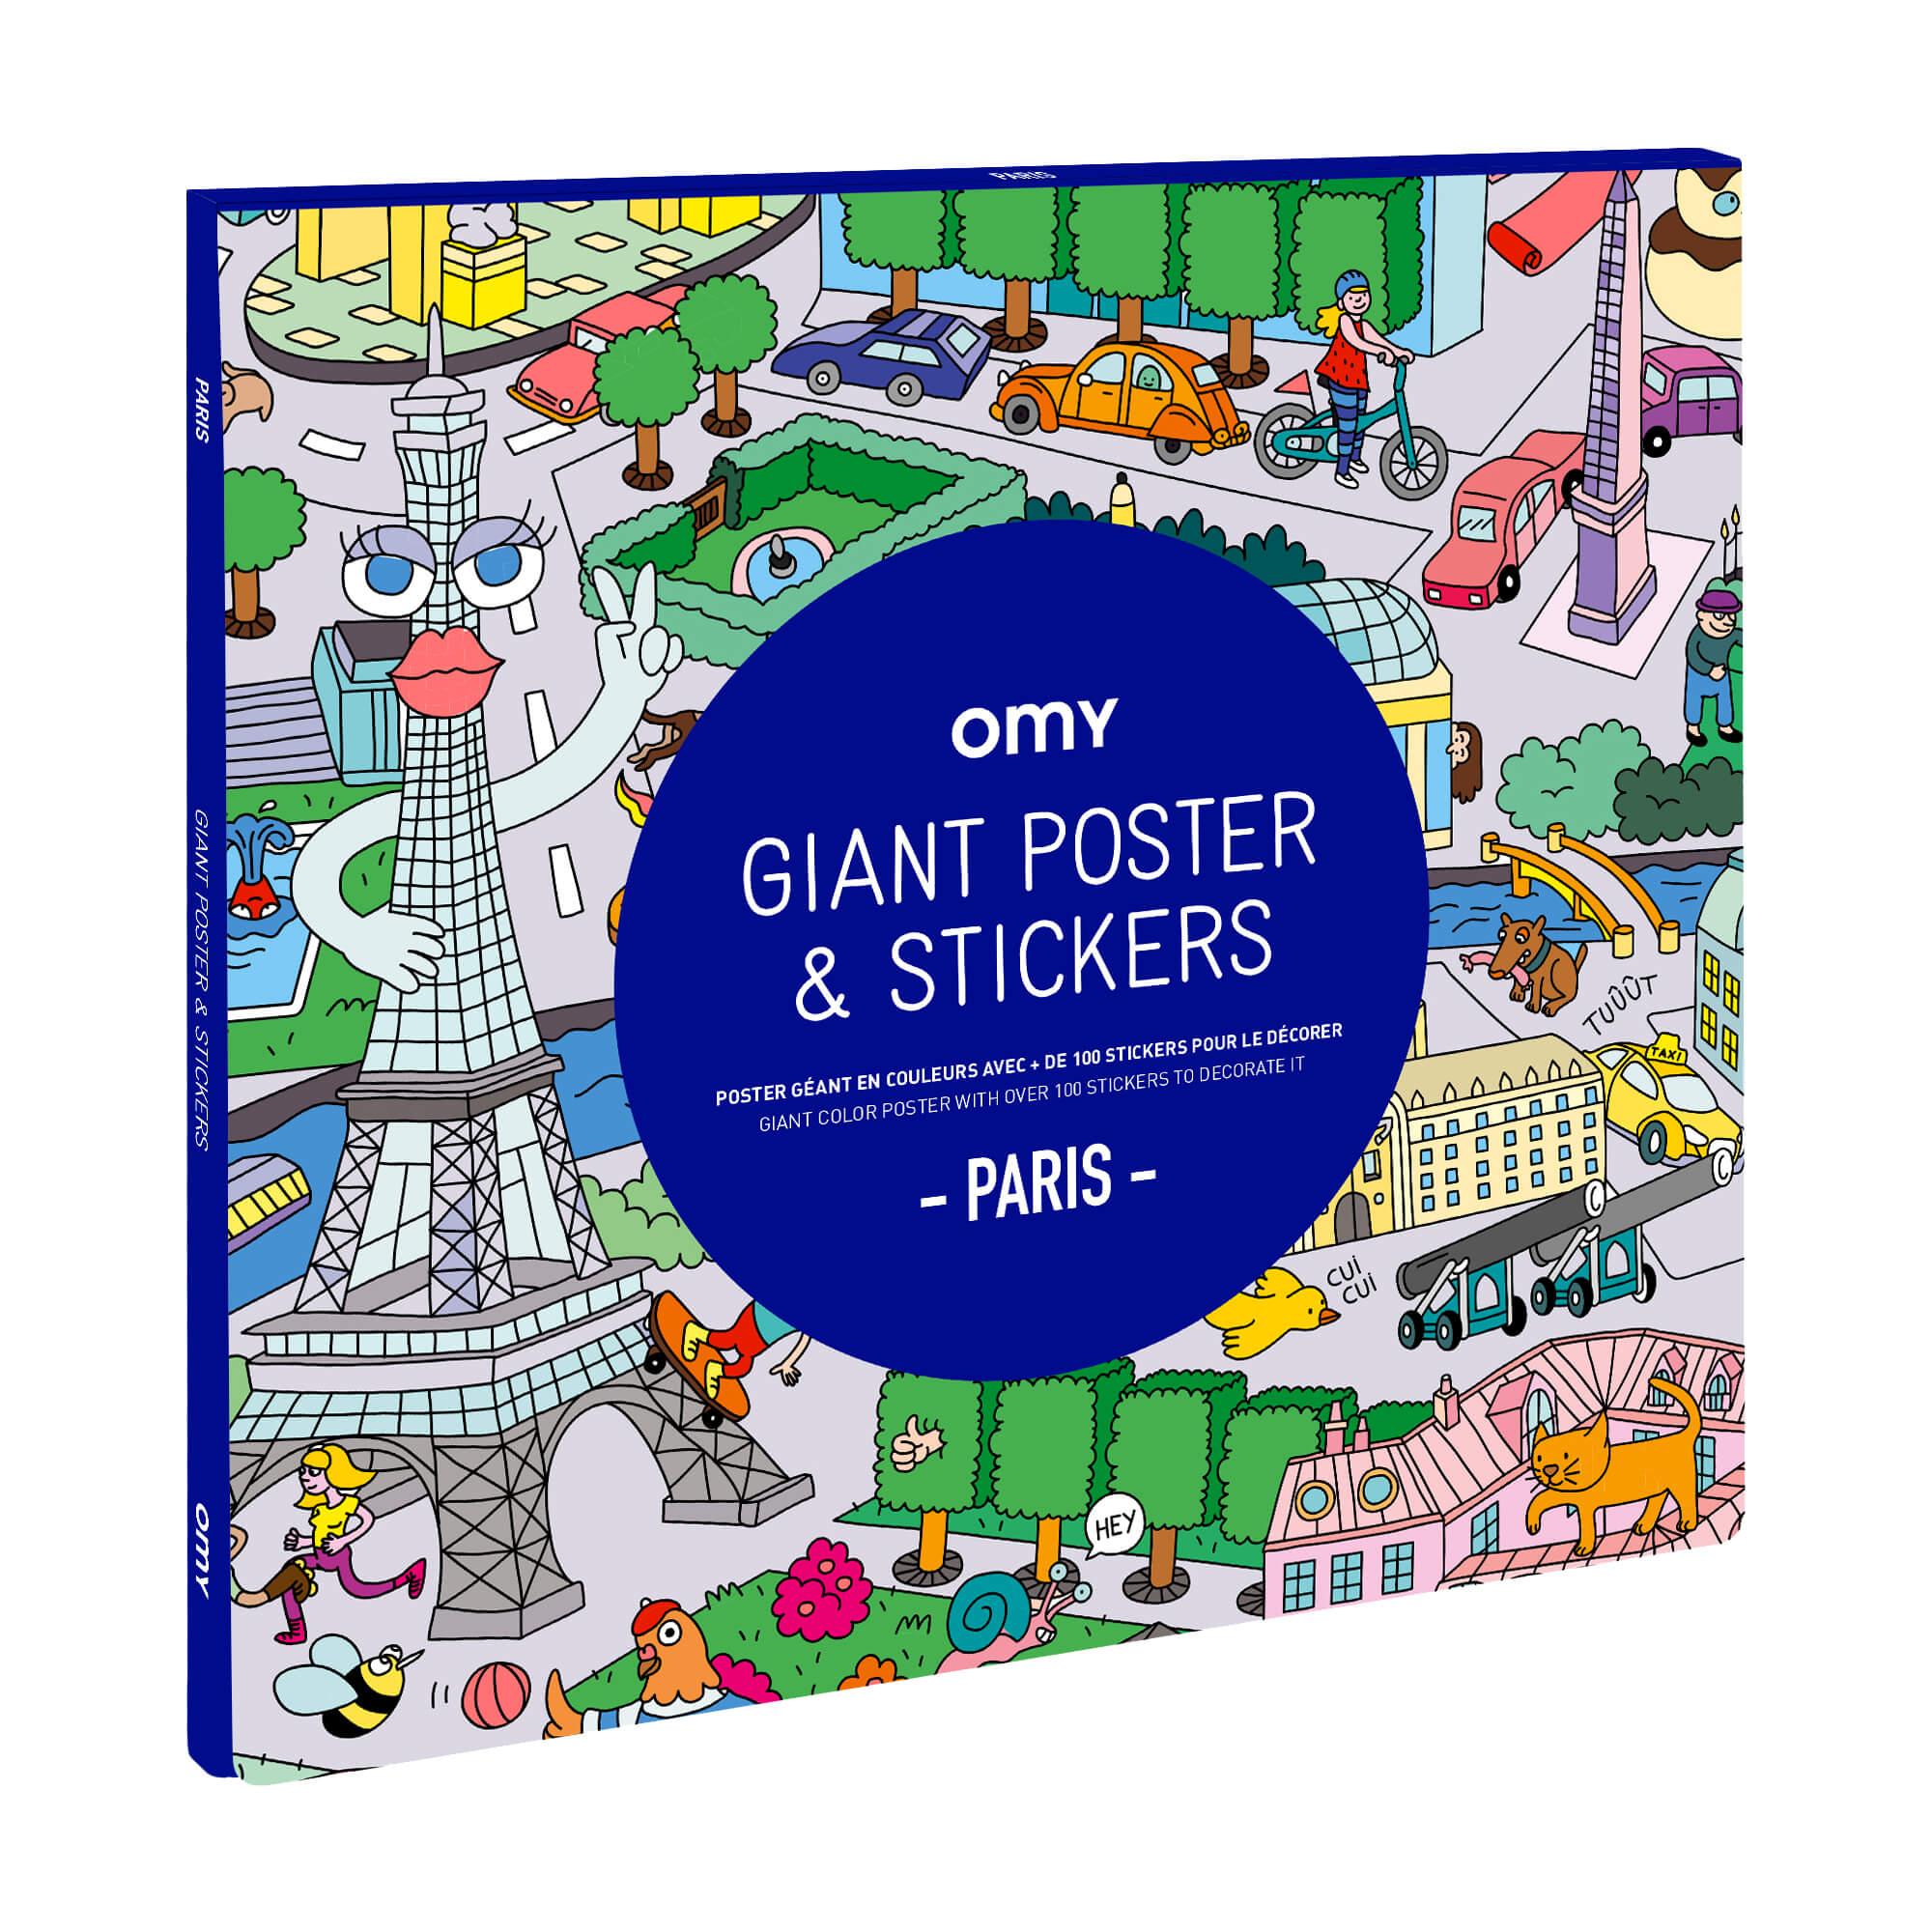 Poster à colorier géant + Stickers PARIS by OMY